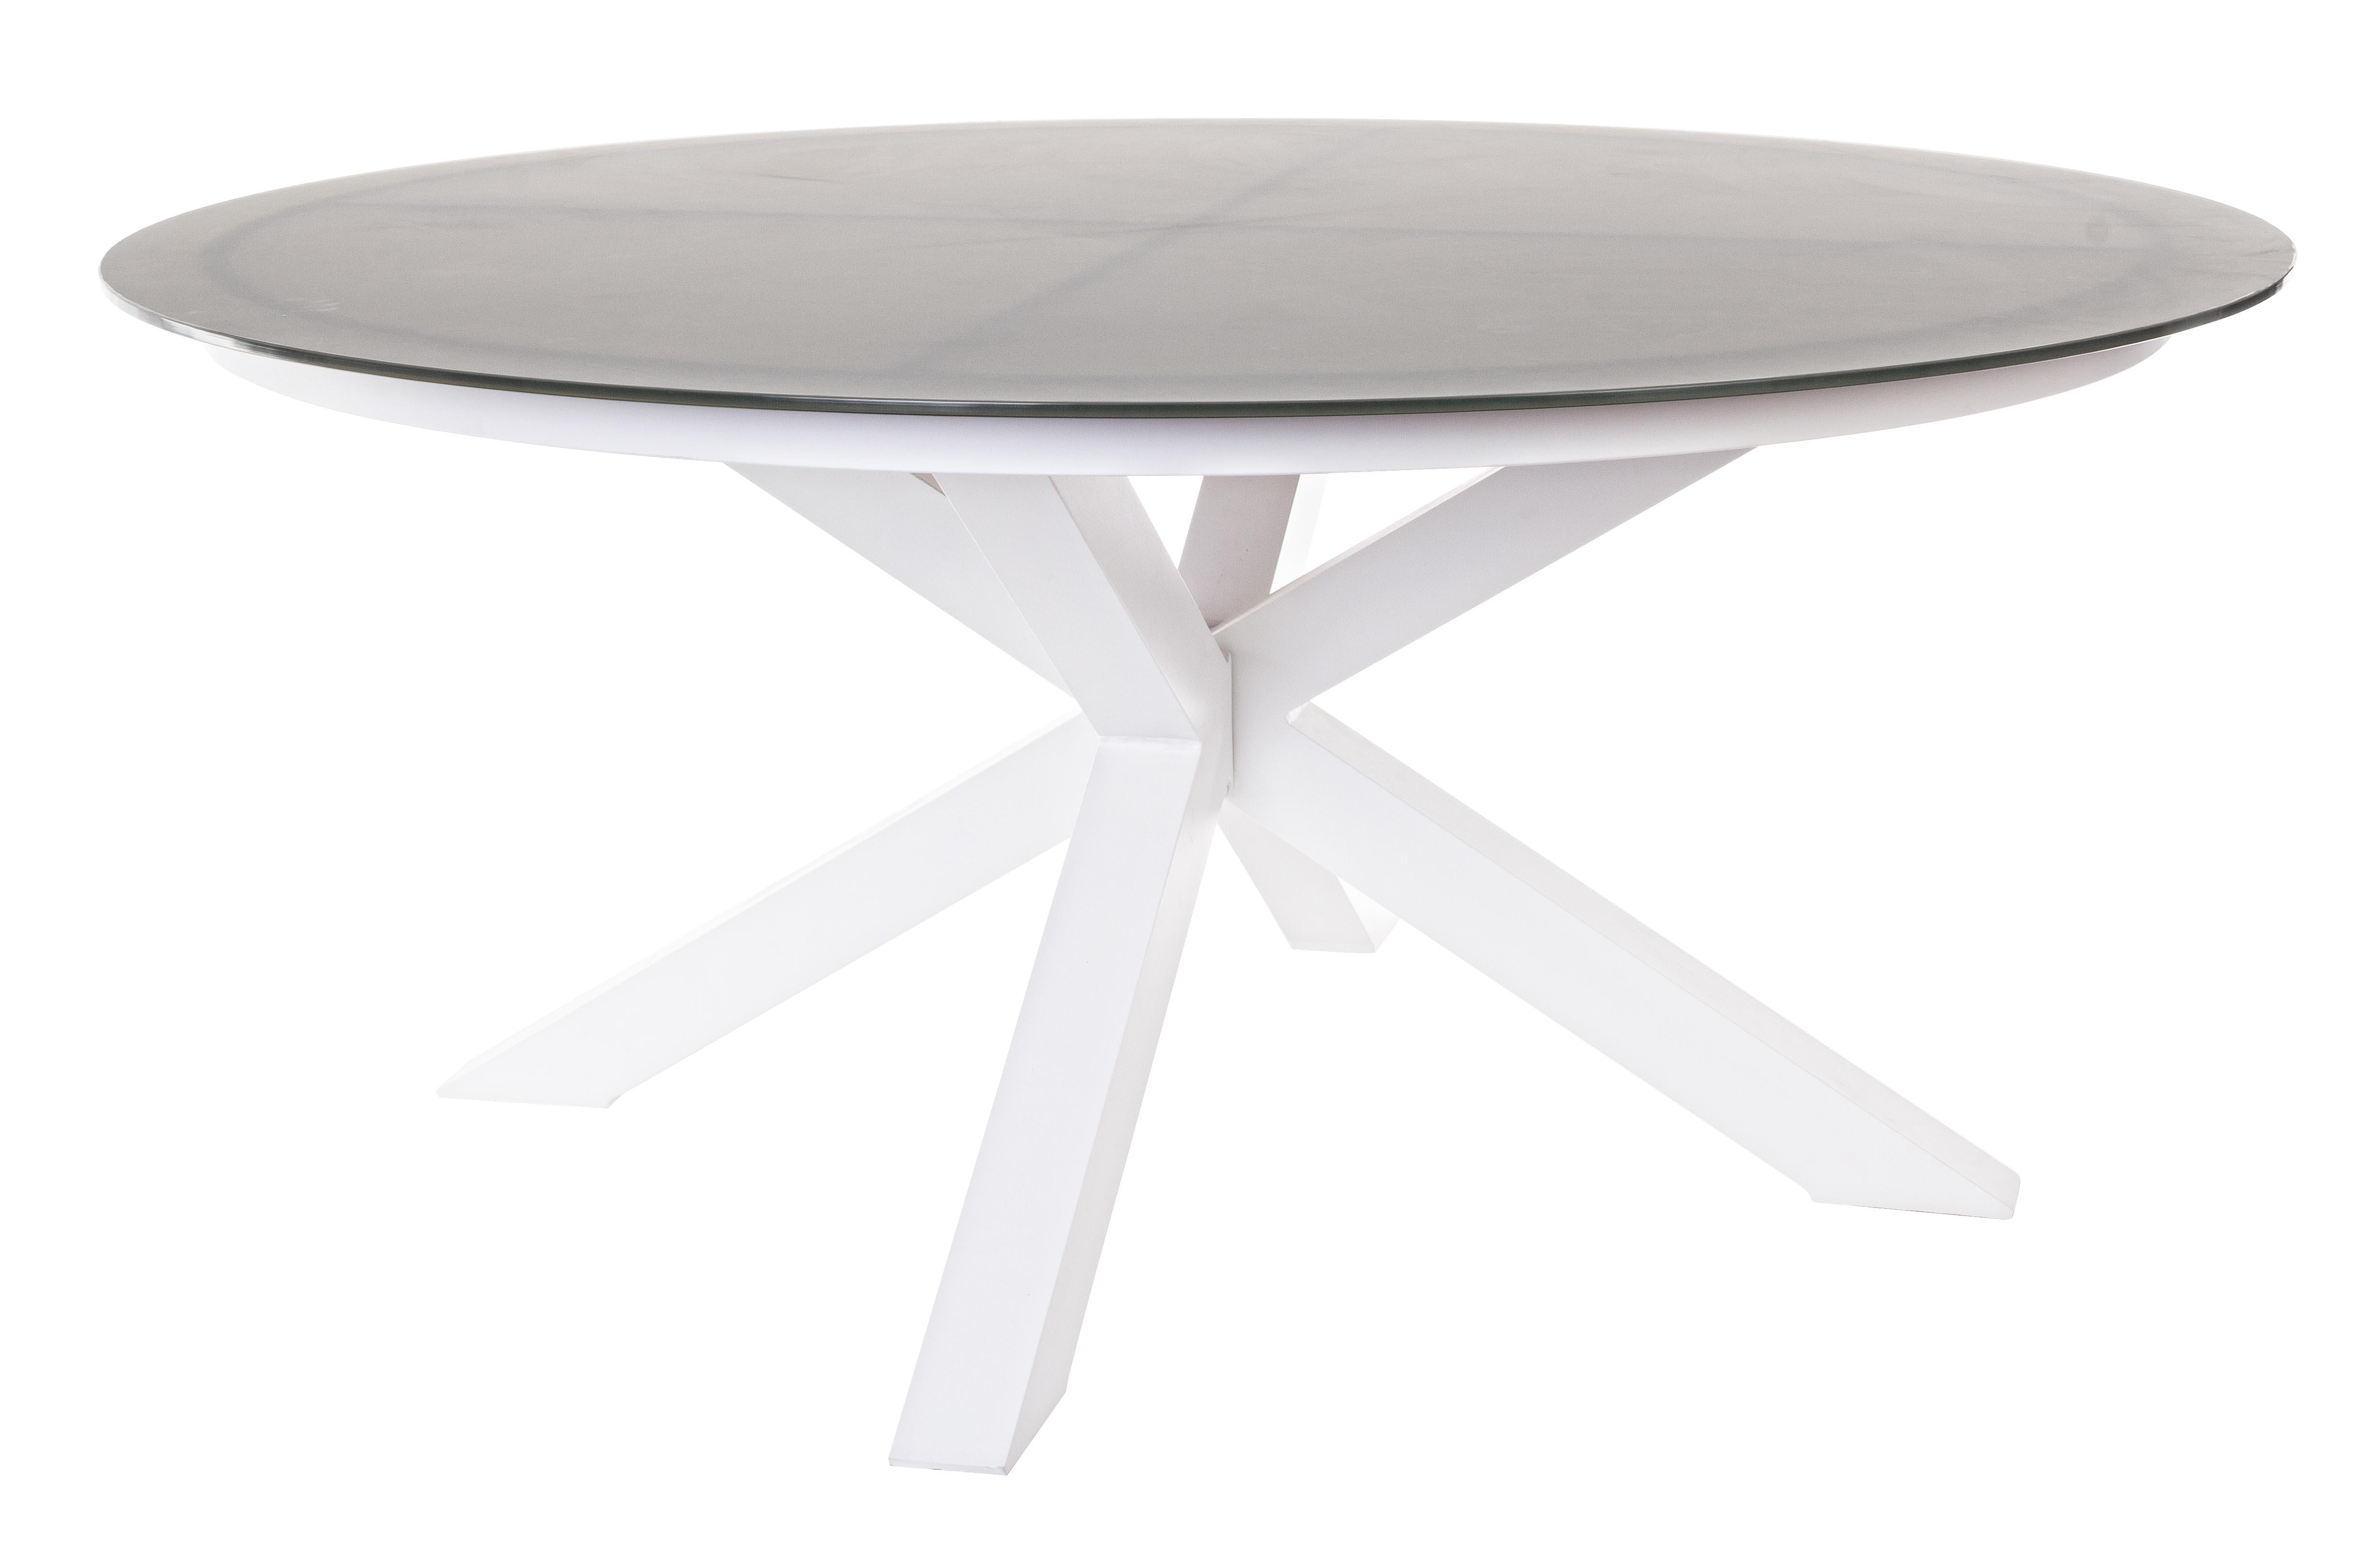 bizzotto tavolo tondo rotondo russel diametro 160 cm h75